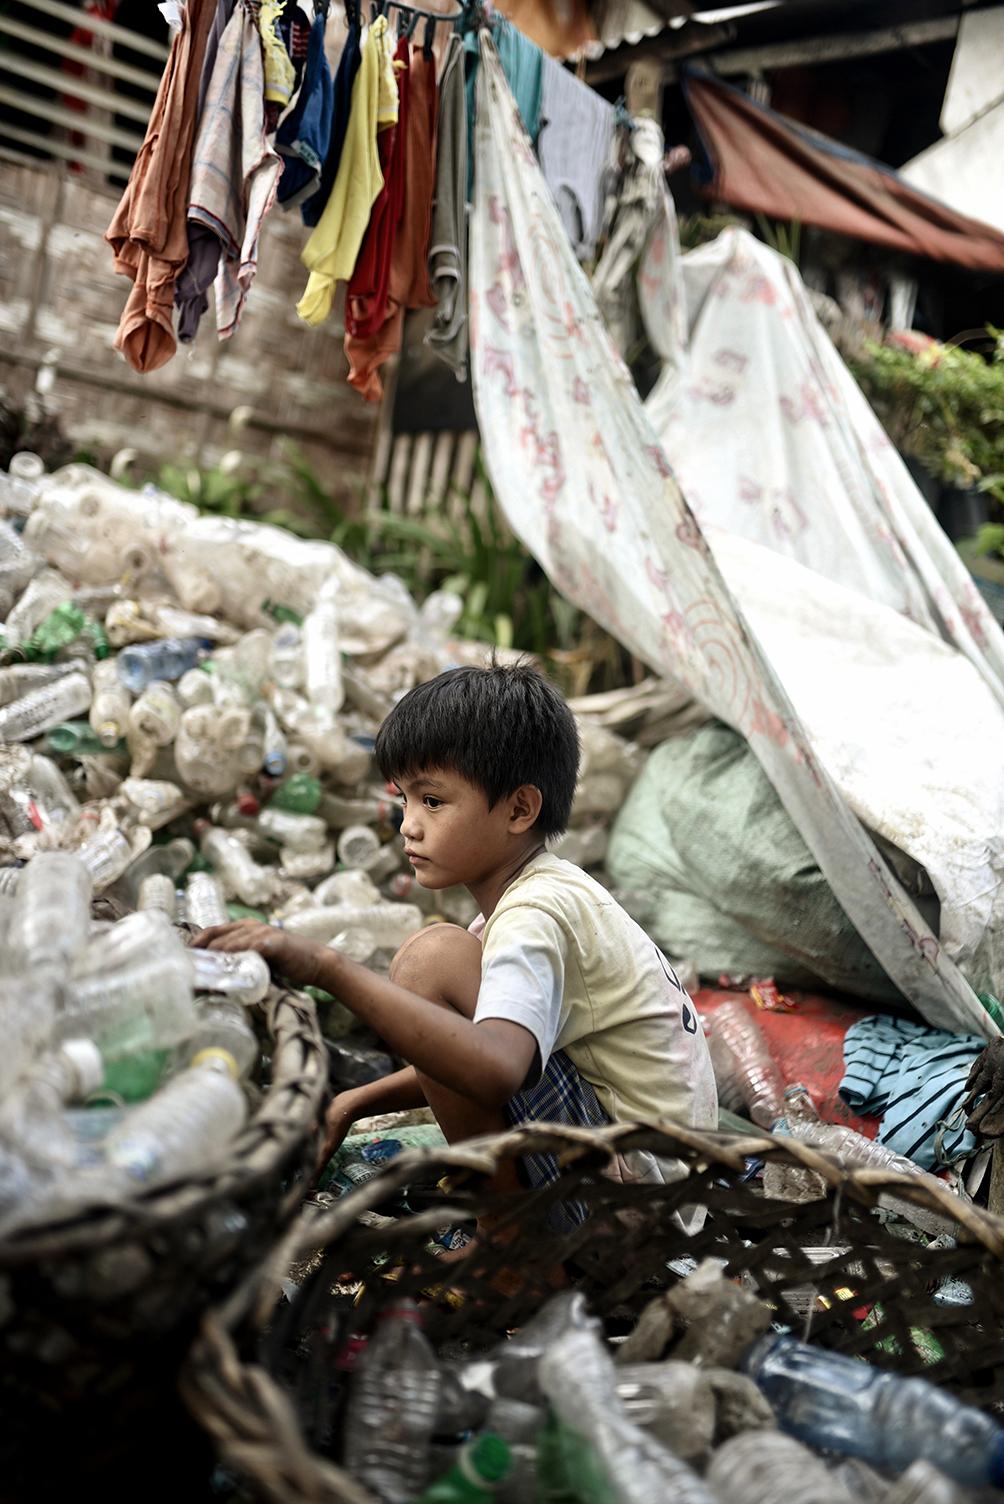 DSC 7603 - Ein Leben auf der Müllhalde